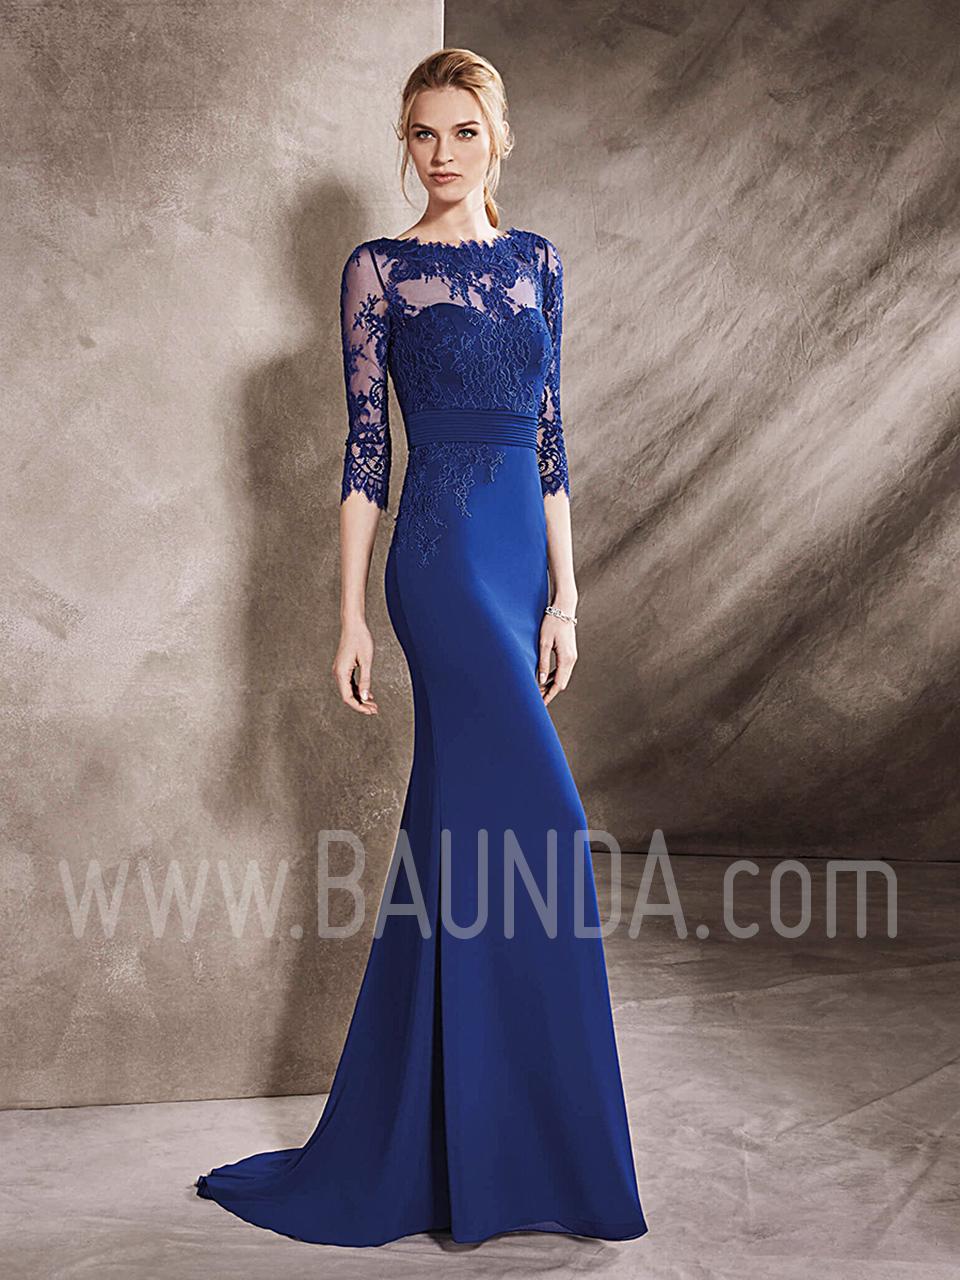 4a16323f2 Vestidos de noche azul cobalto - Vestidos formales